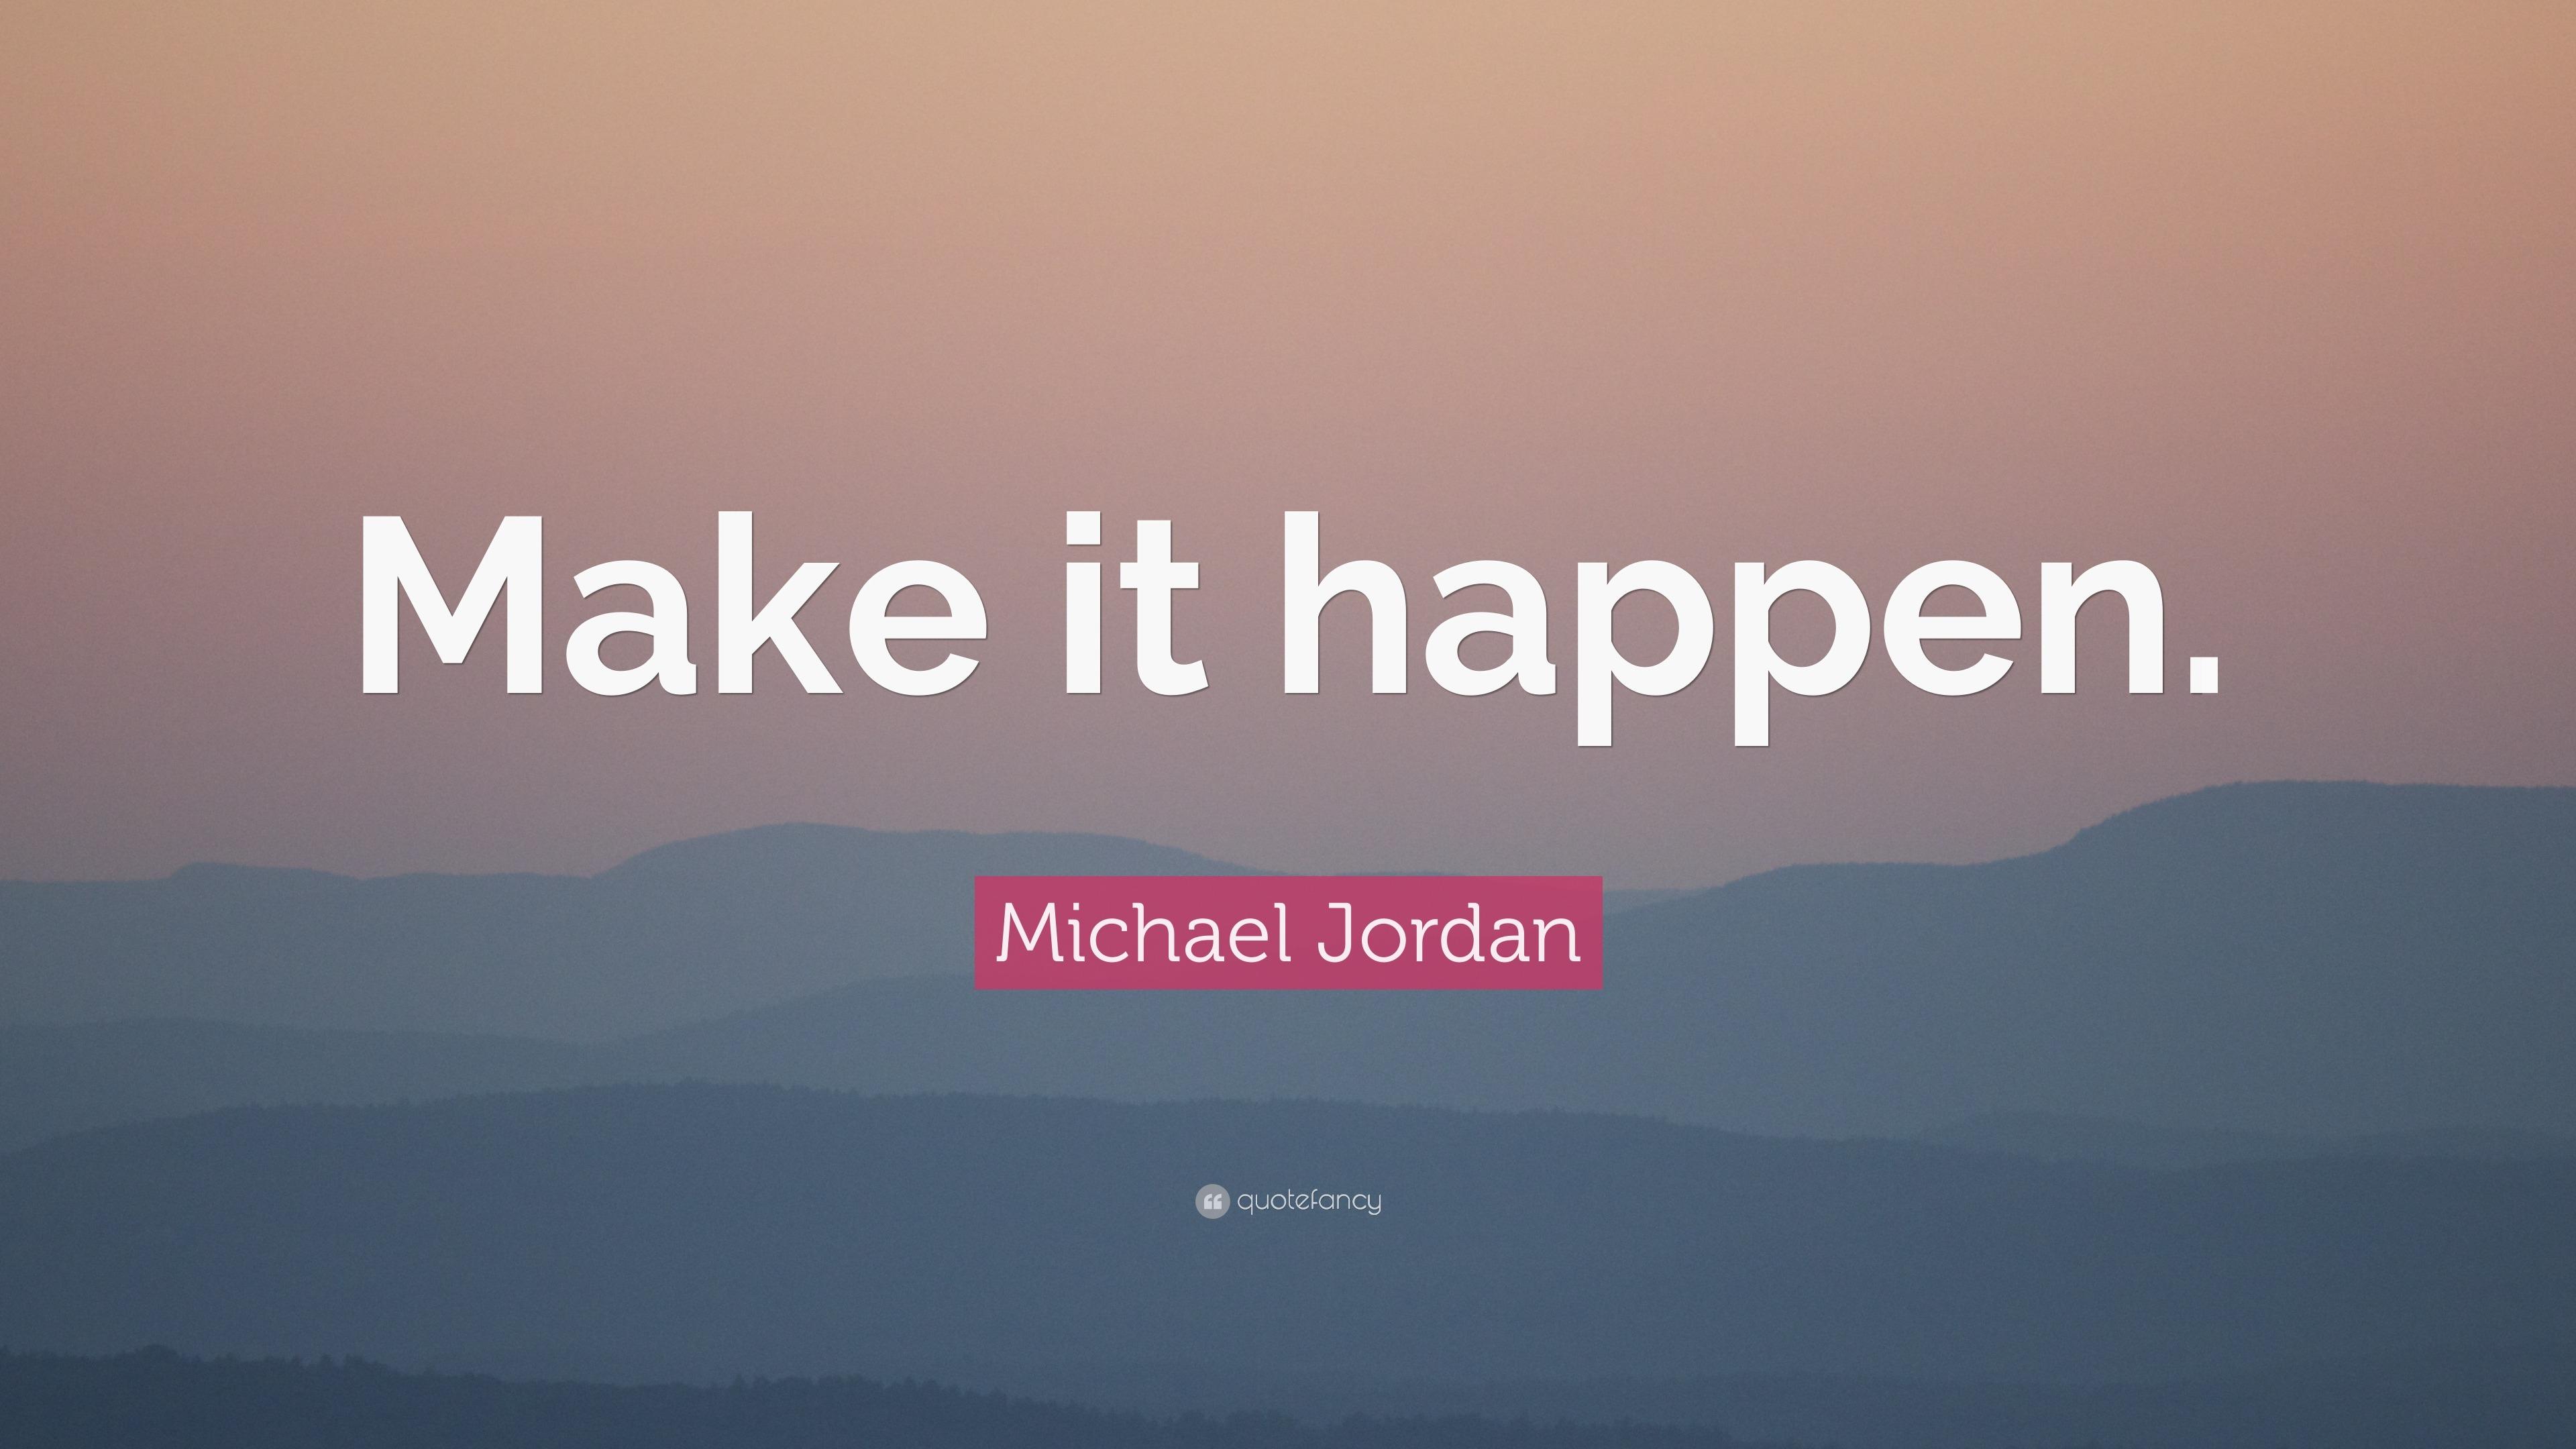 Make It Happen Quotes Wallpaper Michael Jordan Quote Make It Happen 31 Wallpapers